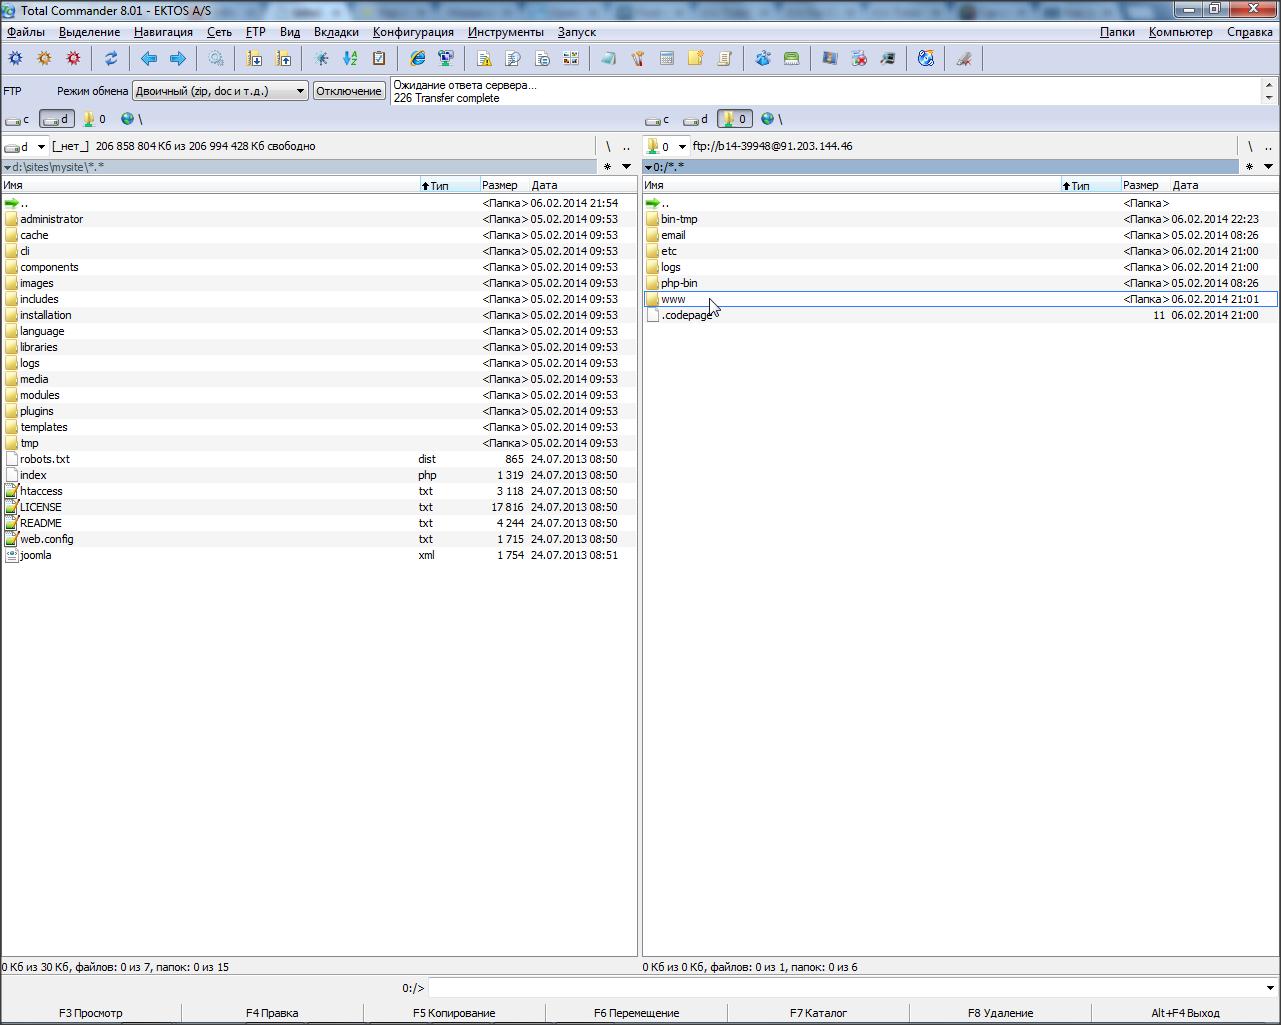 Как настроить программу Тотал Коммандер под себя Библиотека вебмастера 65